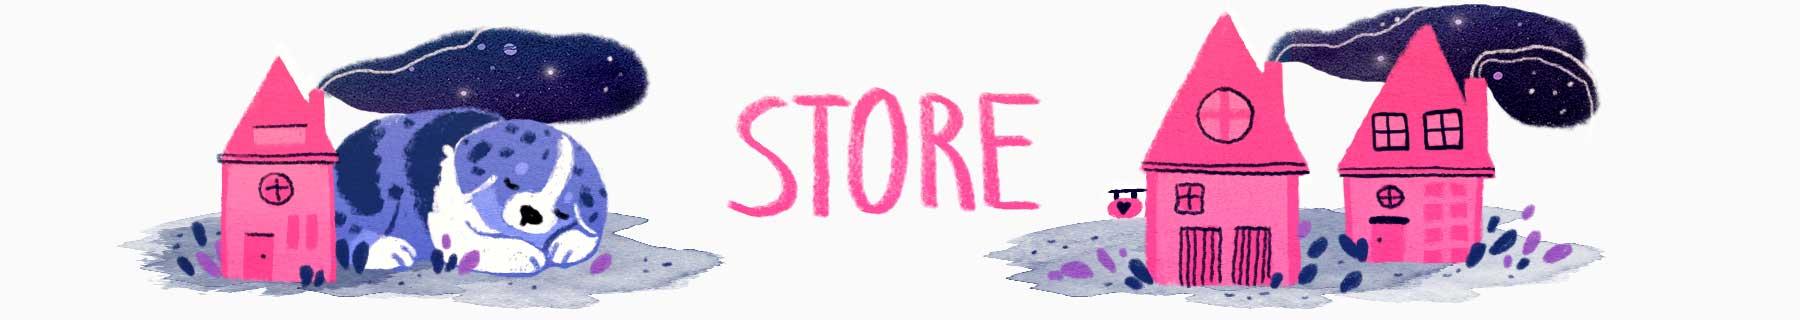 ellievsbear_store_banner.jpg